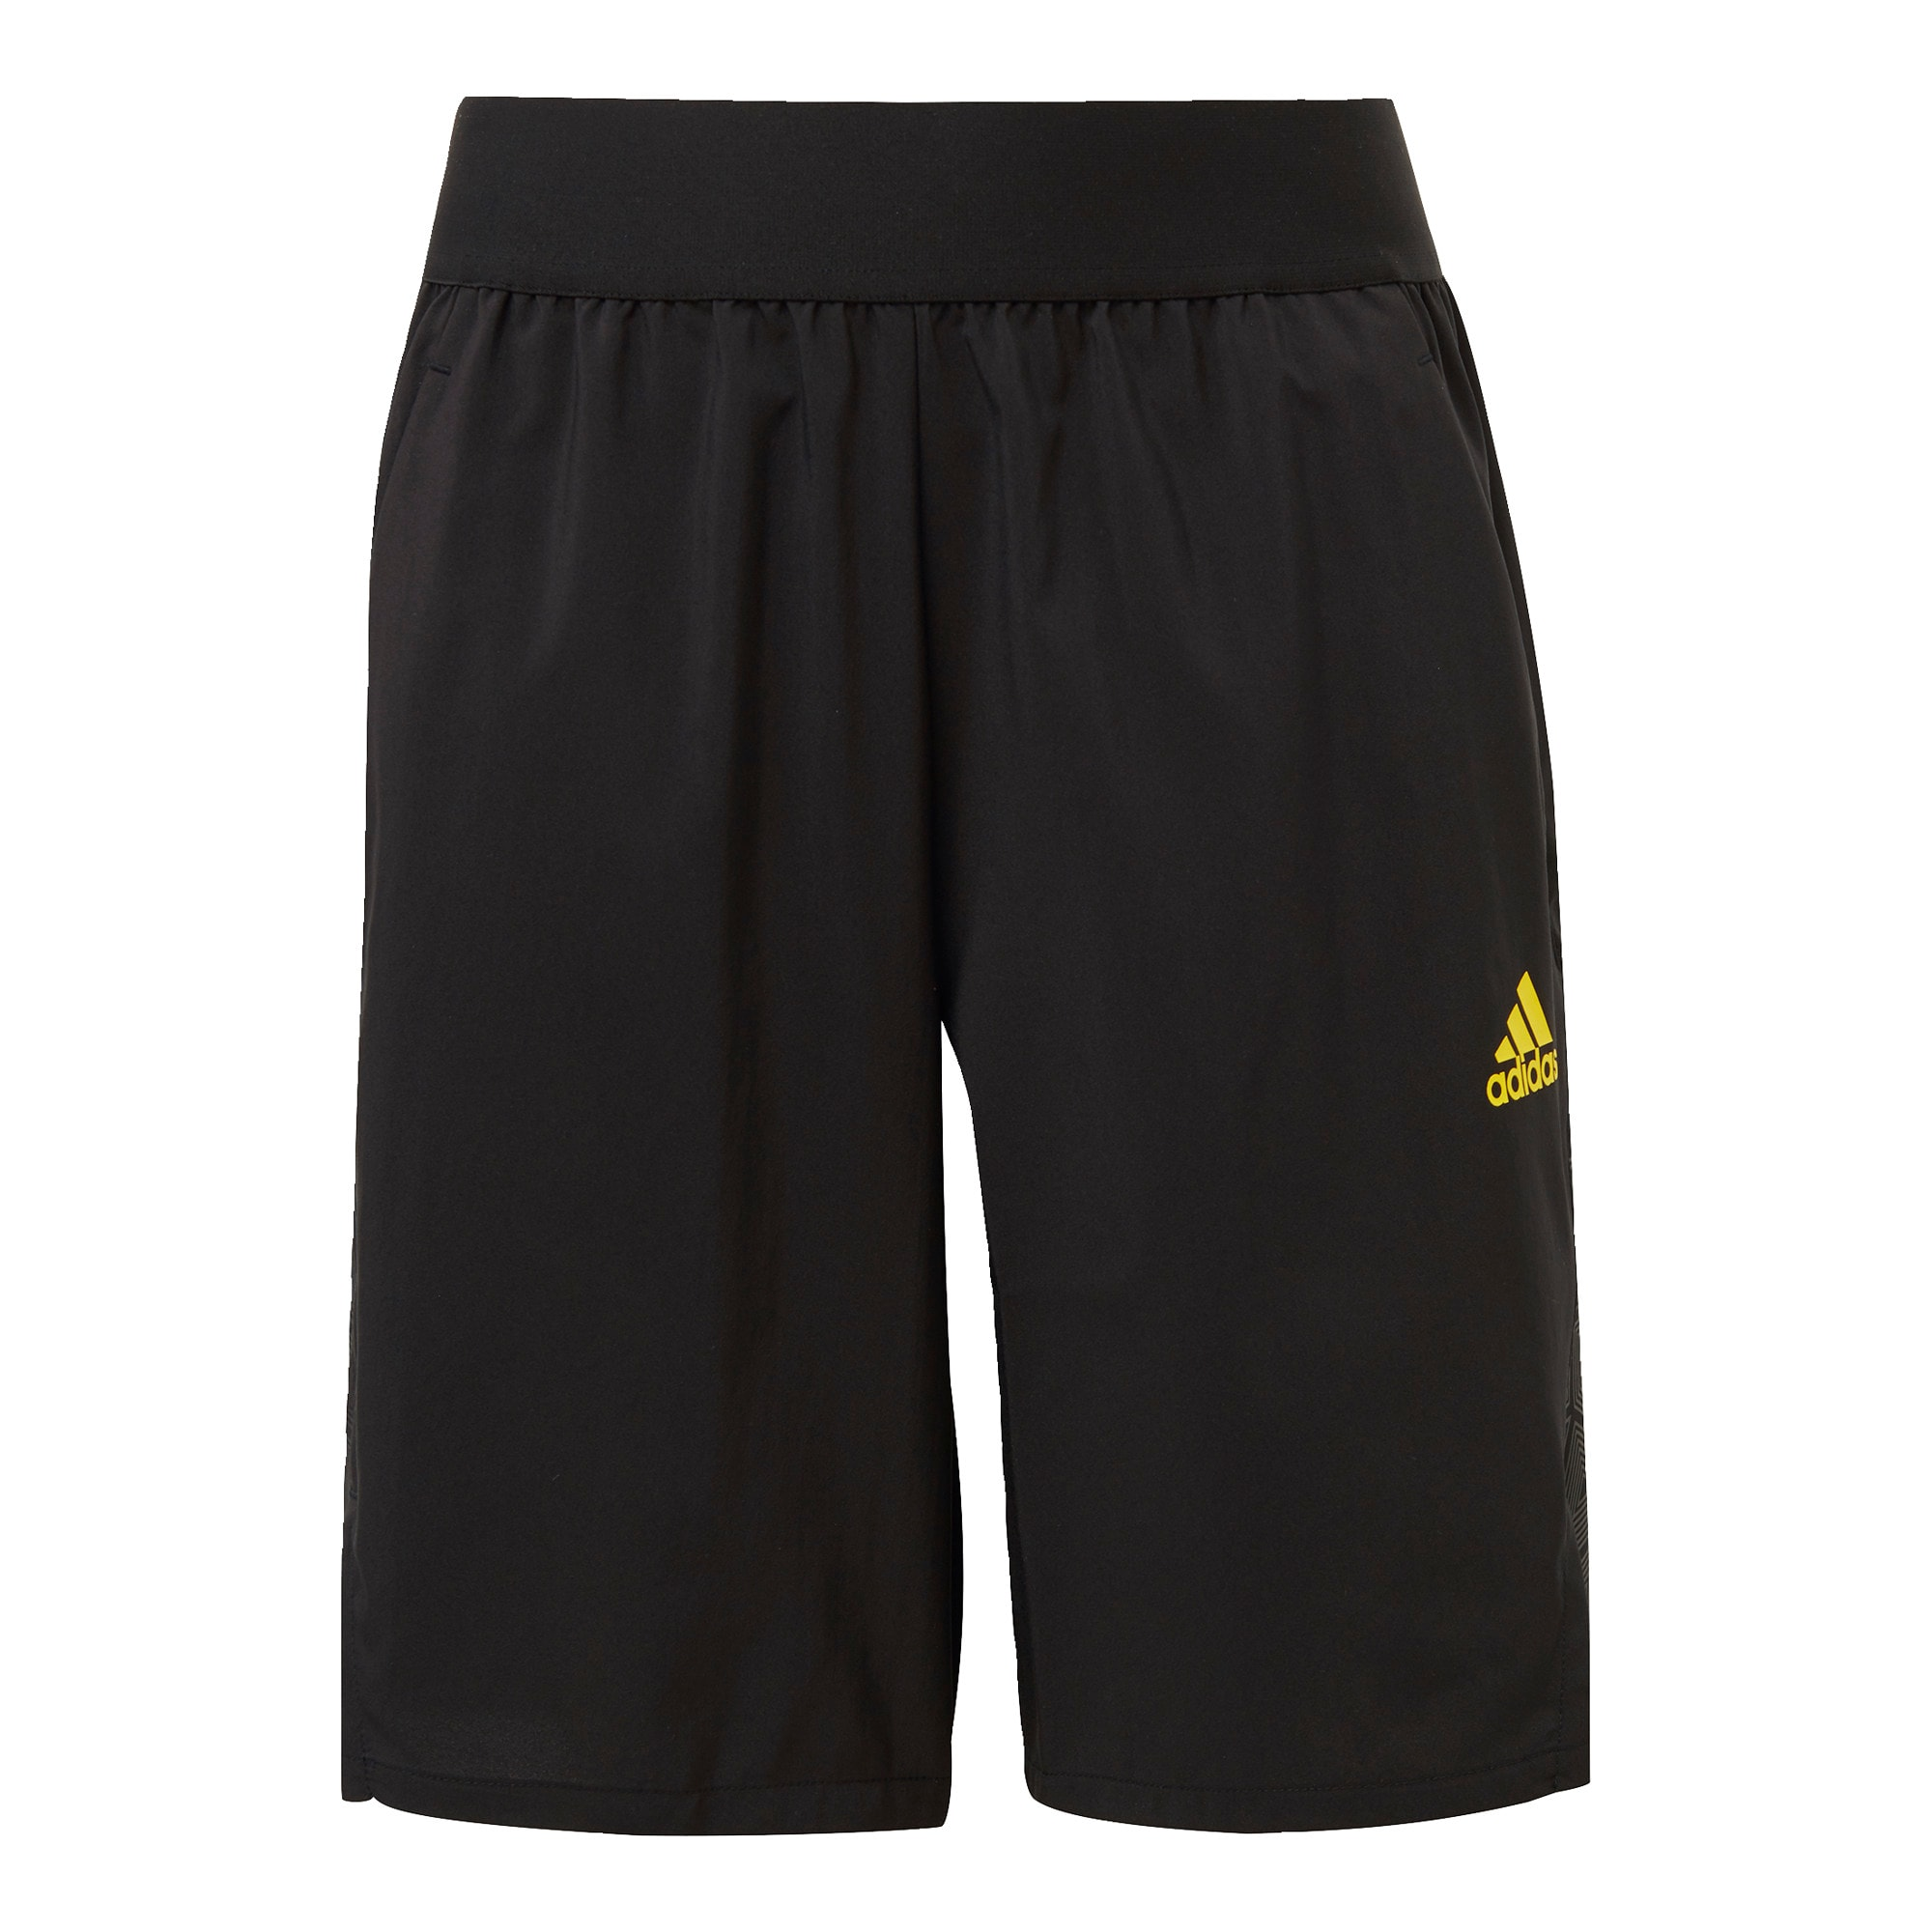 ADIDAS PERFORMANCE Sportinės kelnės 'Predator' juoda / geltona / pilka